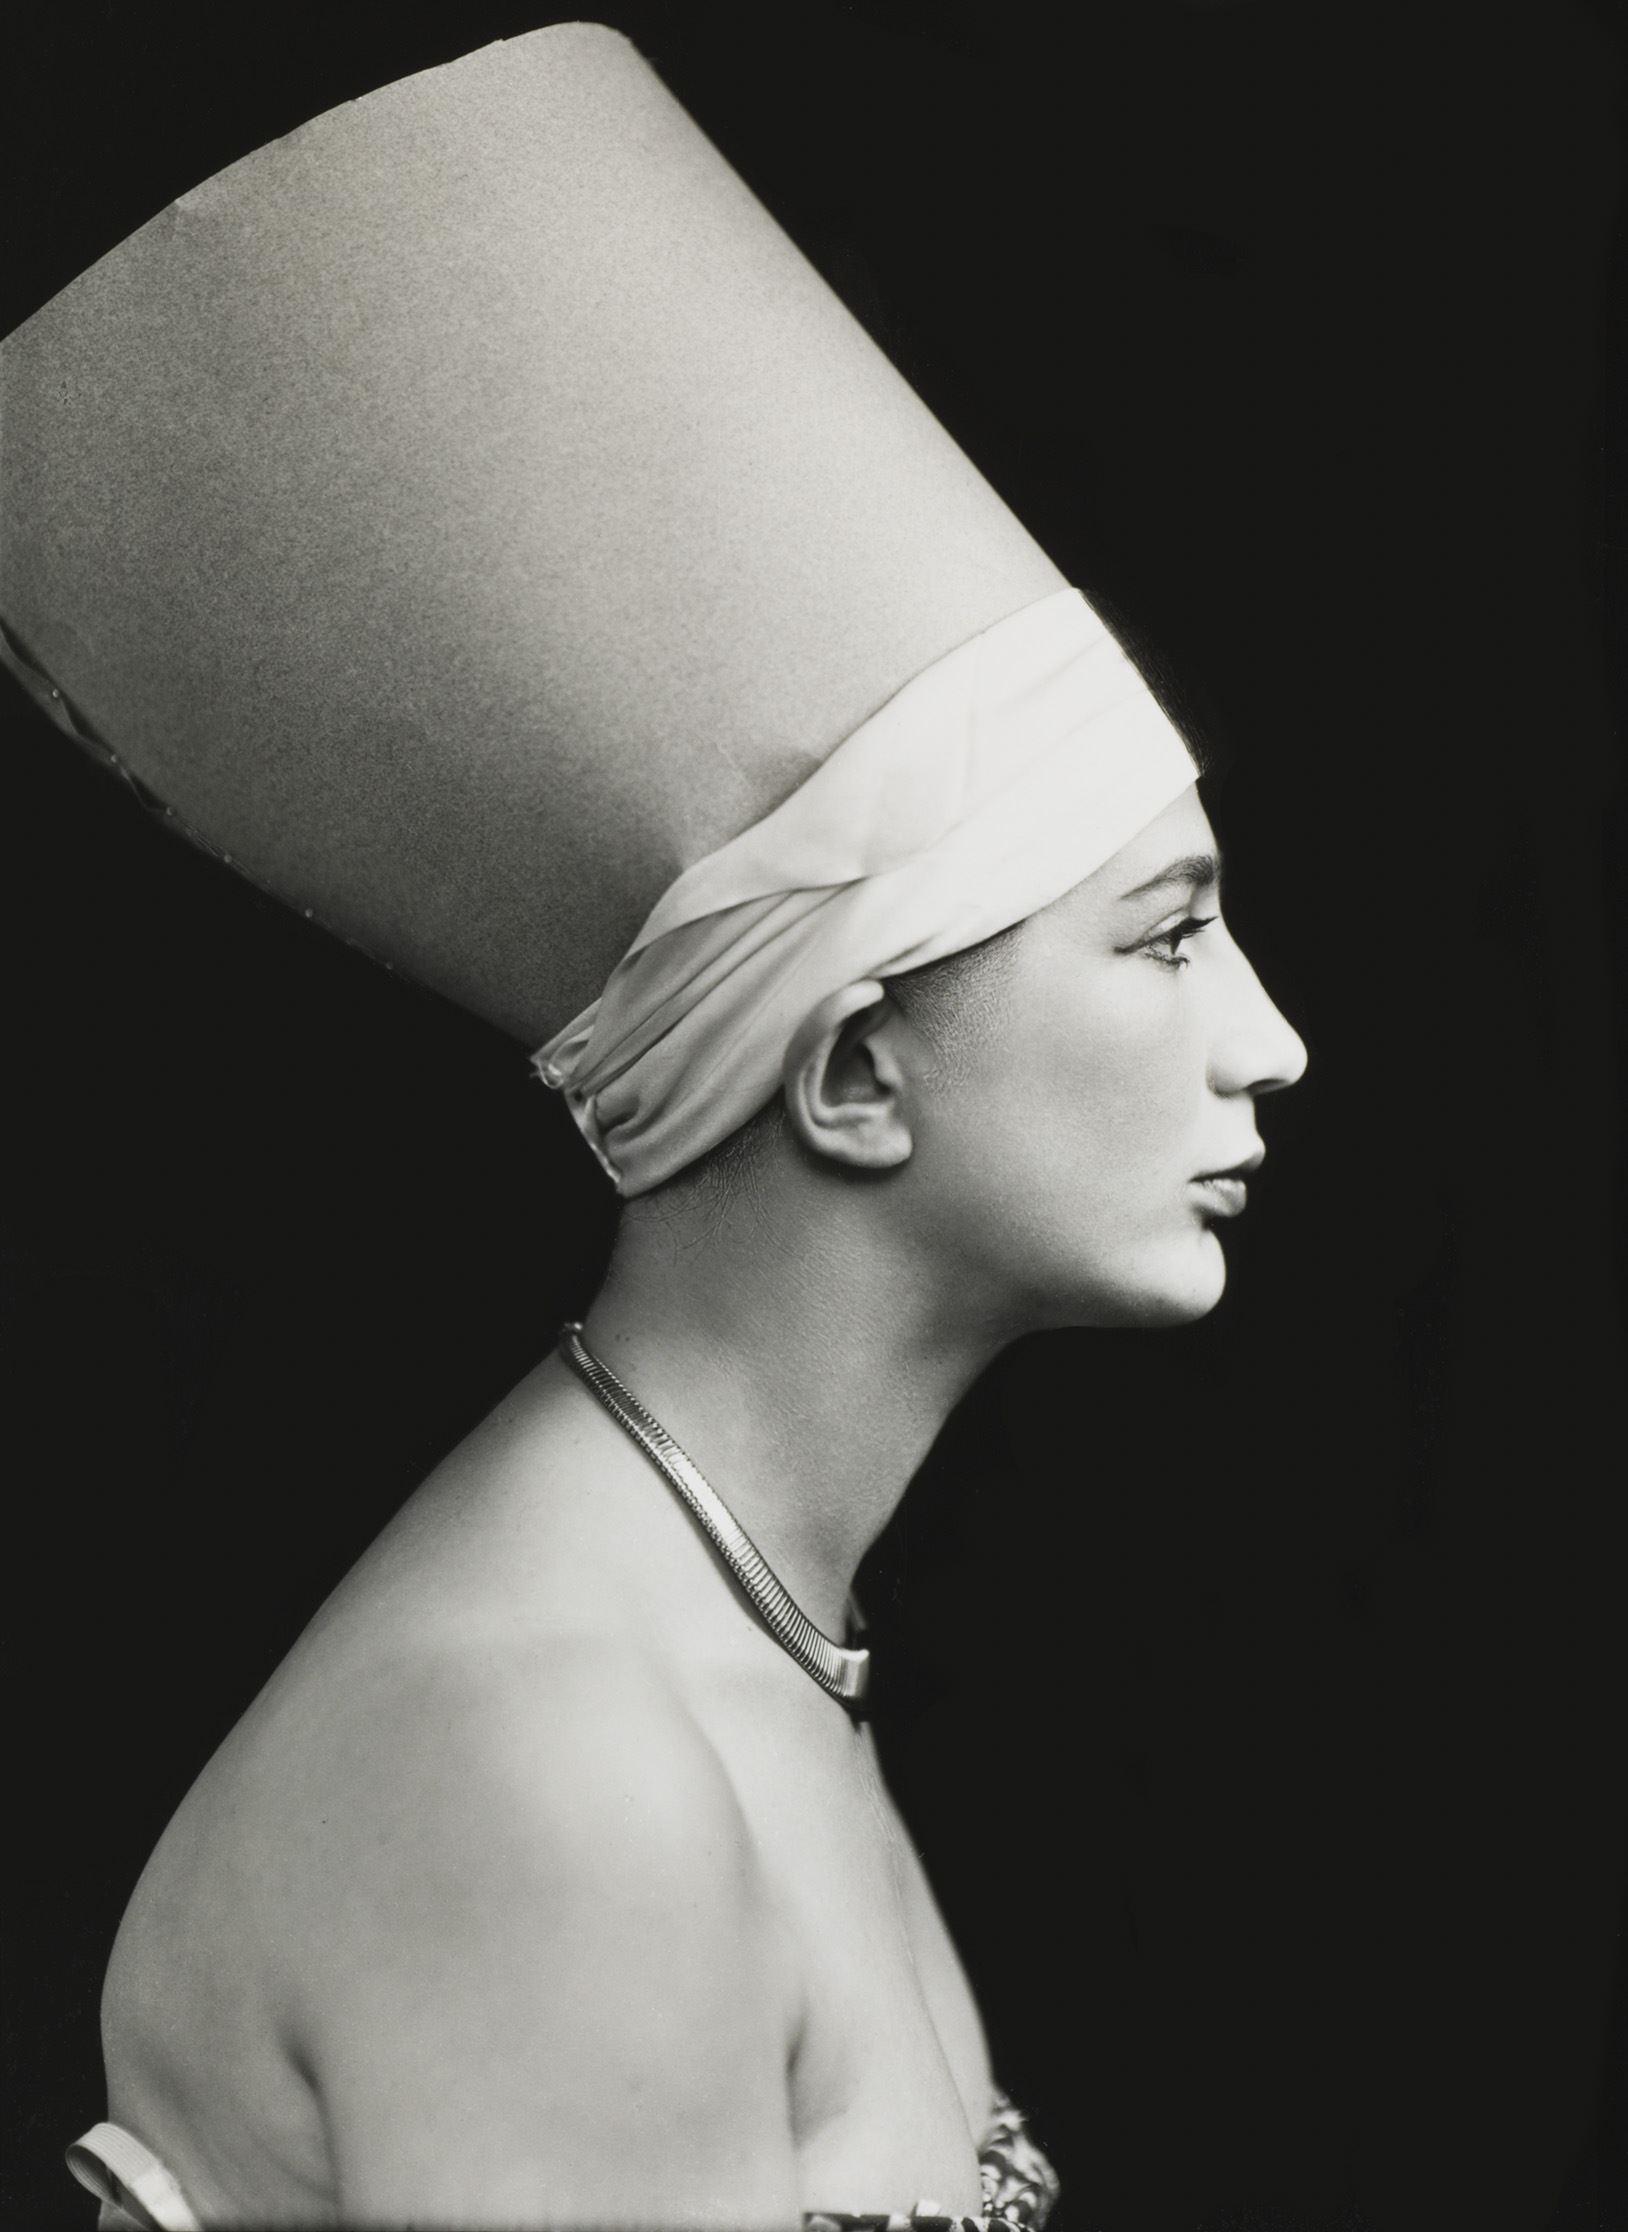 Anna Riwkin,  © Moderna museet, Självporträtt av fotografen Anna Riwkin som Nefertiti från ca 1930.